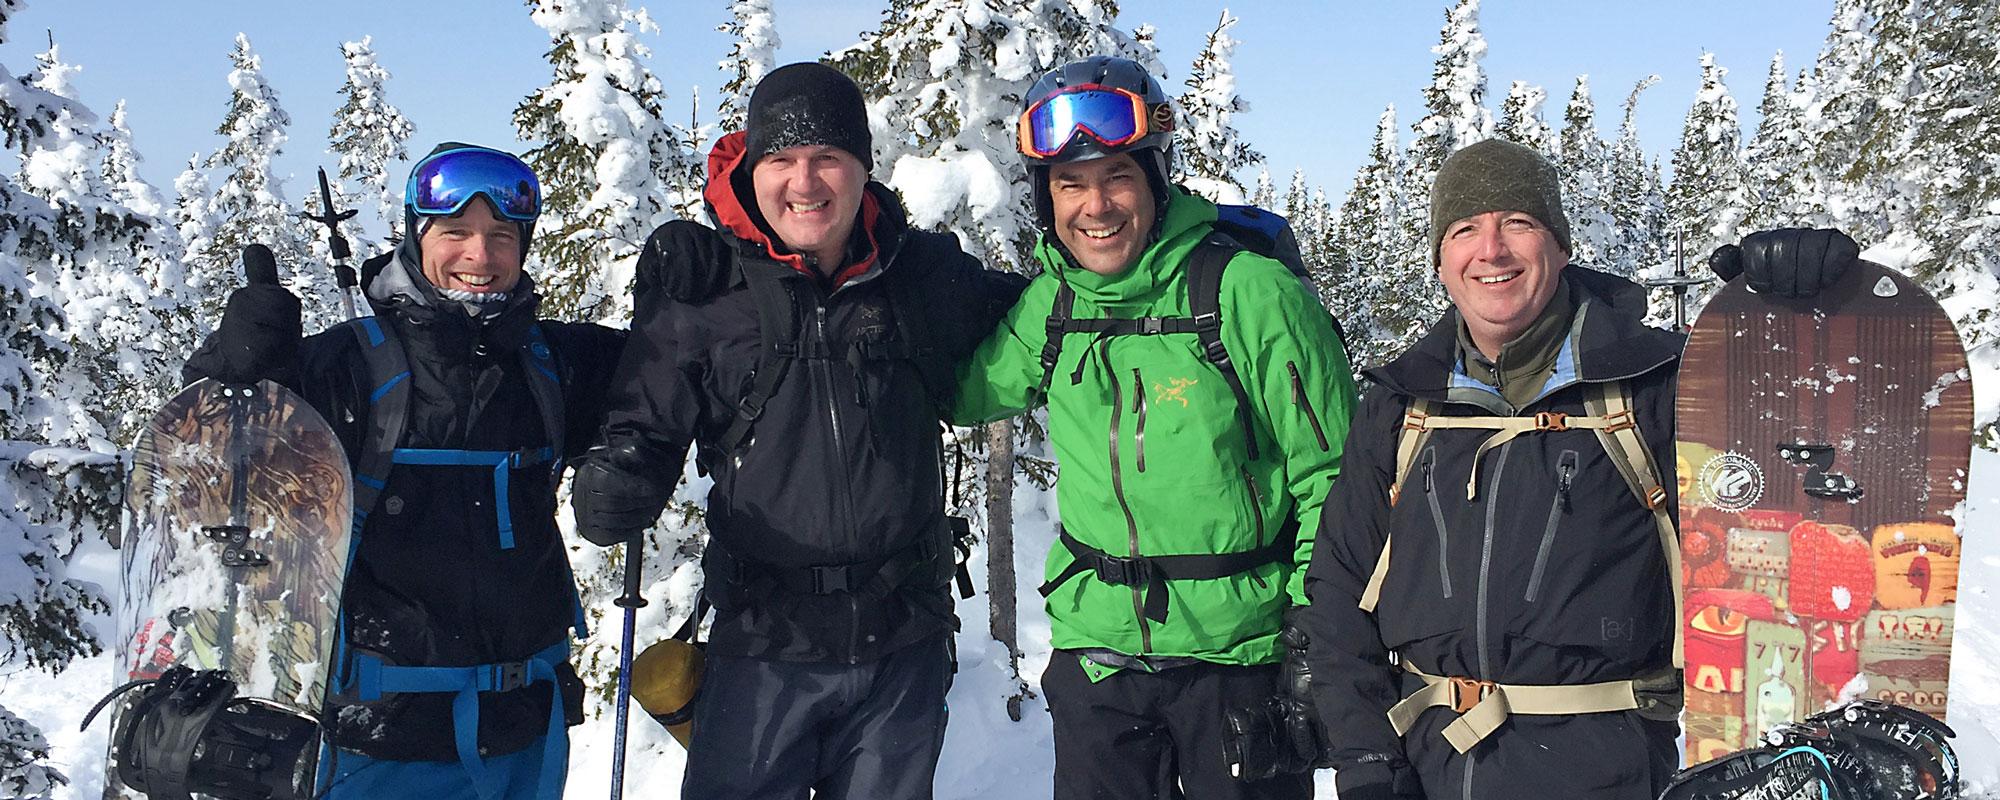 Rocnride-Ski-de-haute-route-1-22